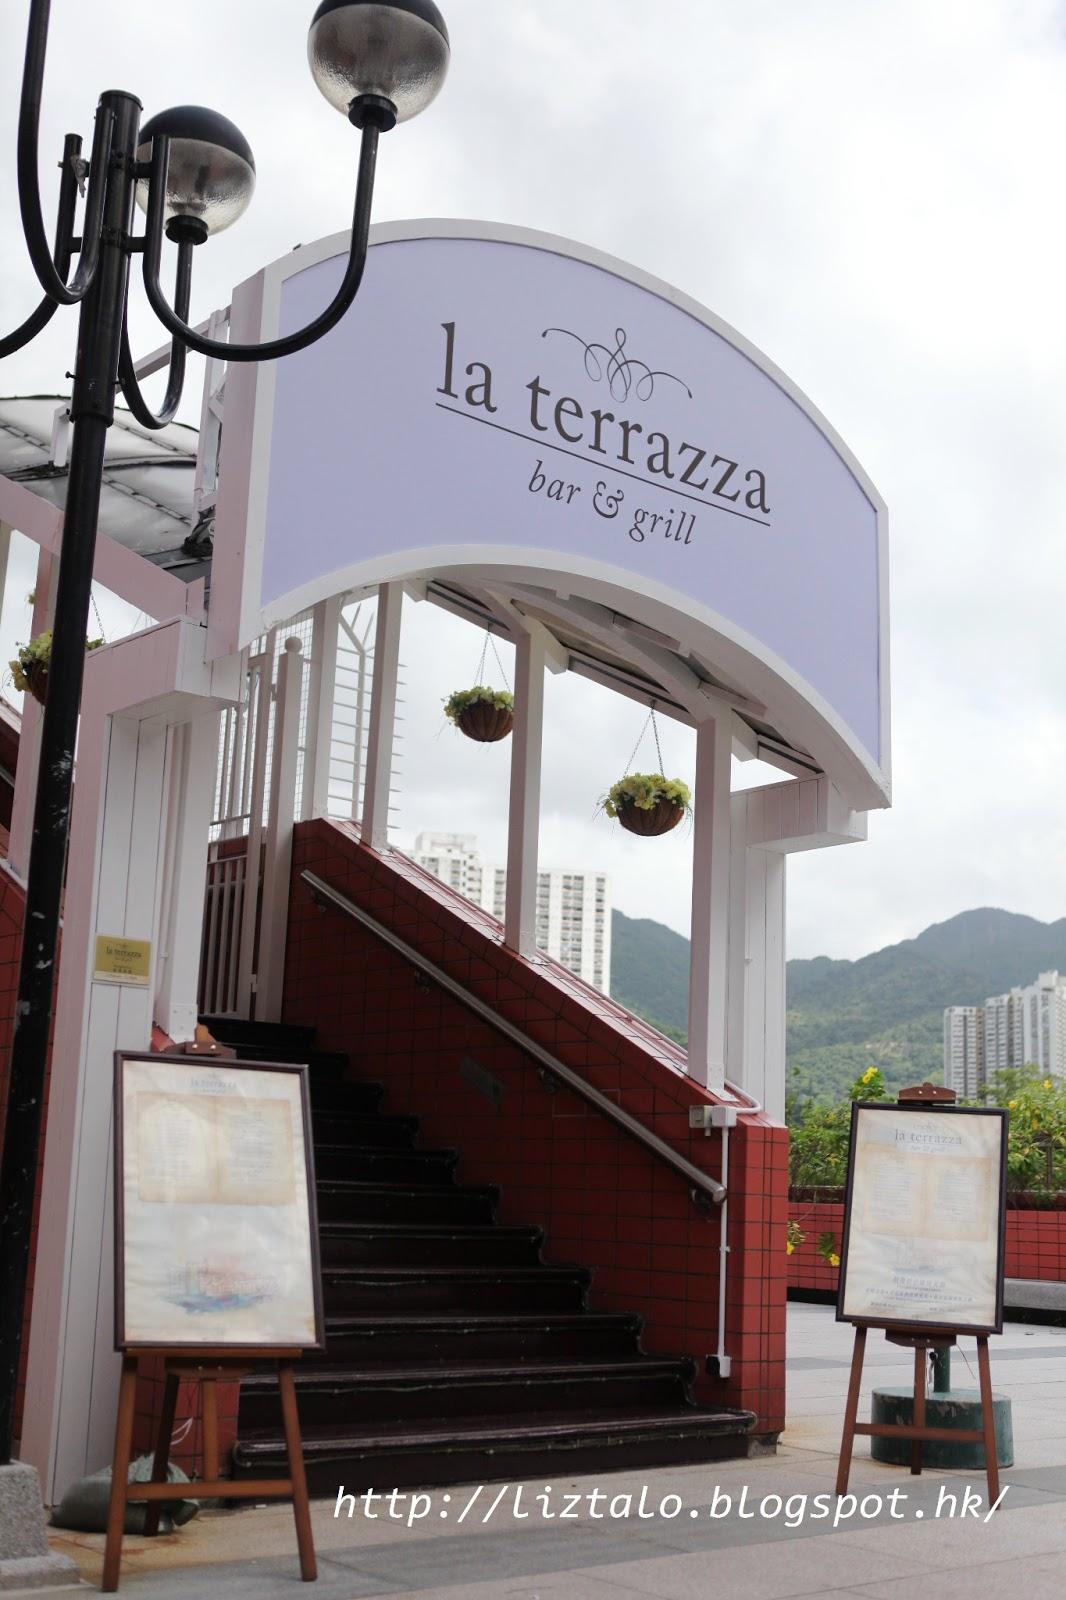 走進夢幻婚禮庭園 La Terrazza Bar Grill